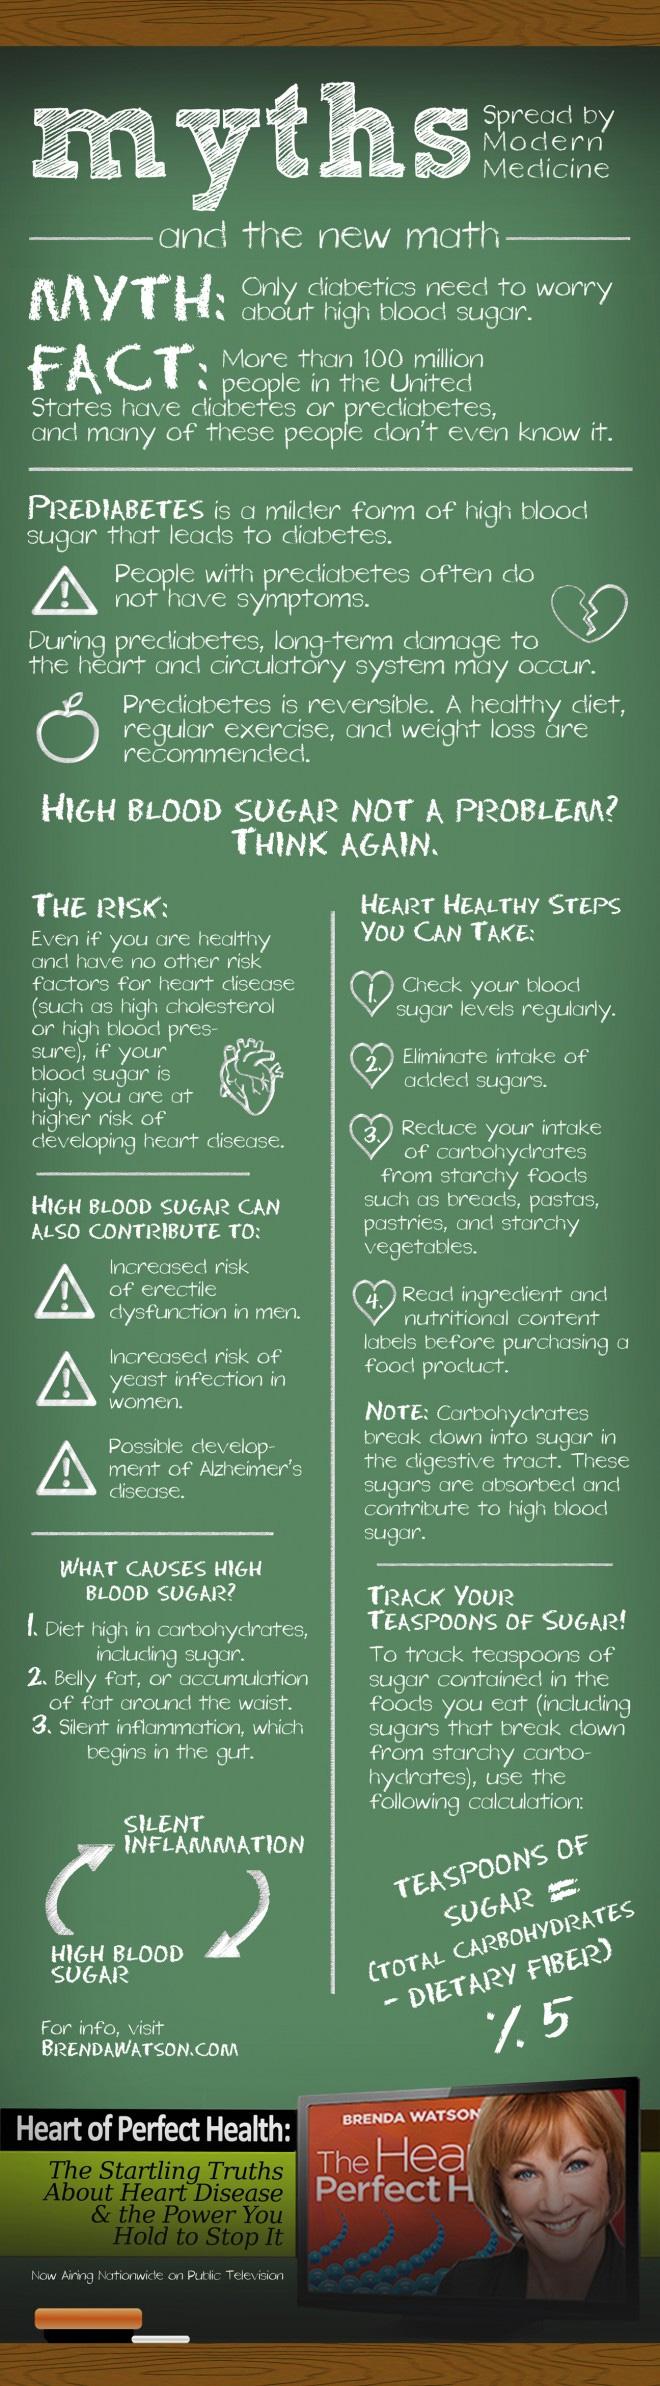 Myth About High Blood Sugar